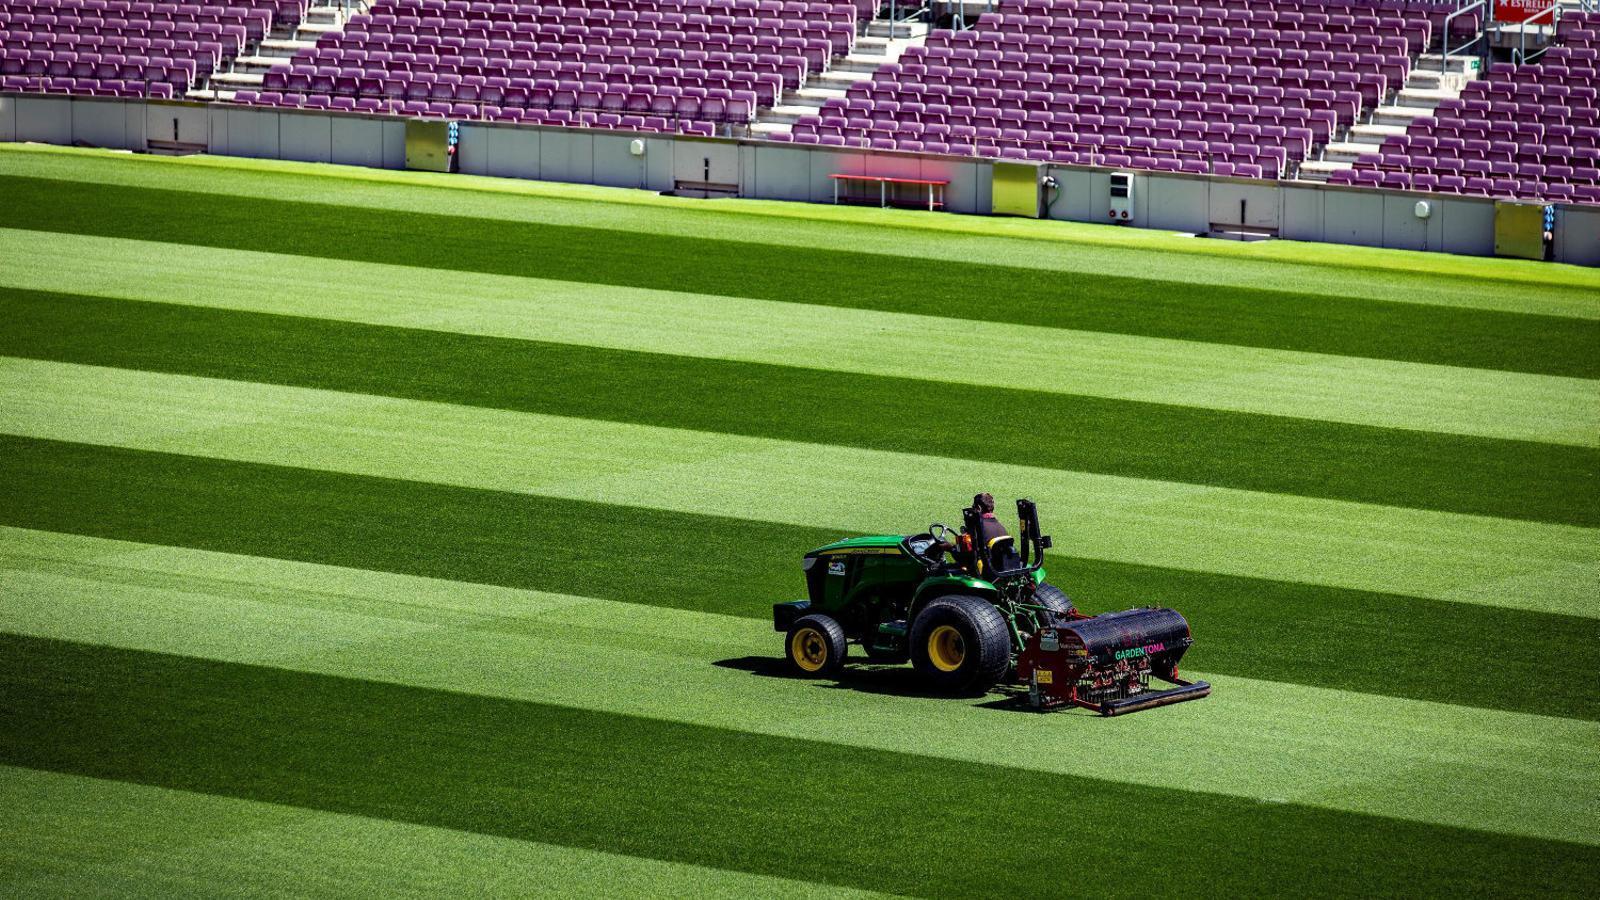 Operaris del Barça cuidant la gespa del Camp Nou durant l'aturada.